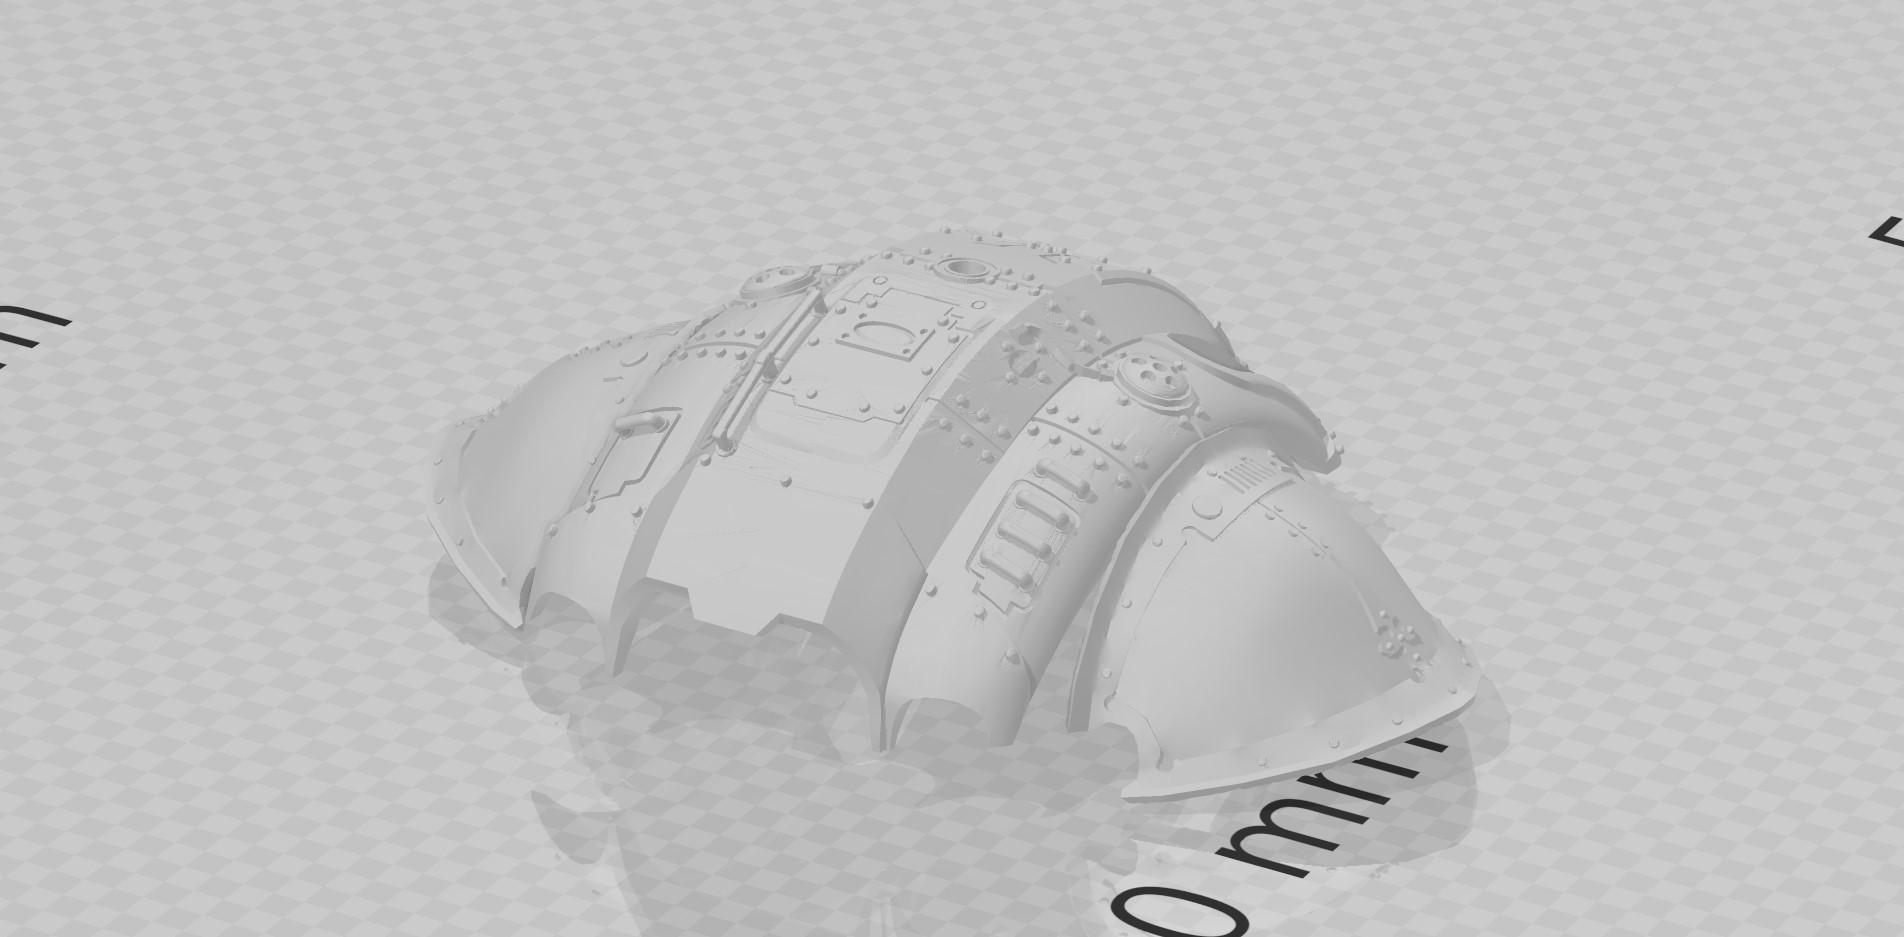 Questoris caparace 3D Adeptus titanicus